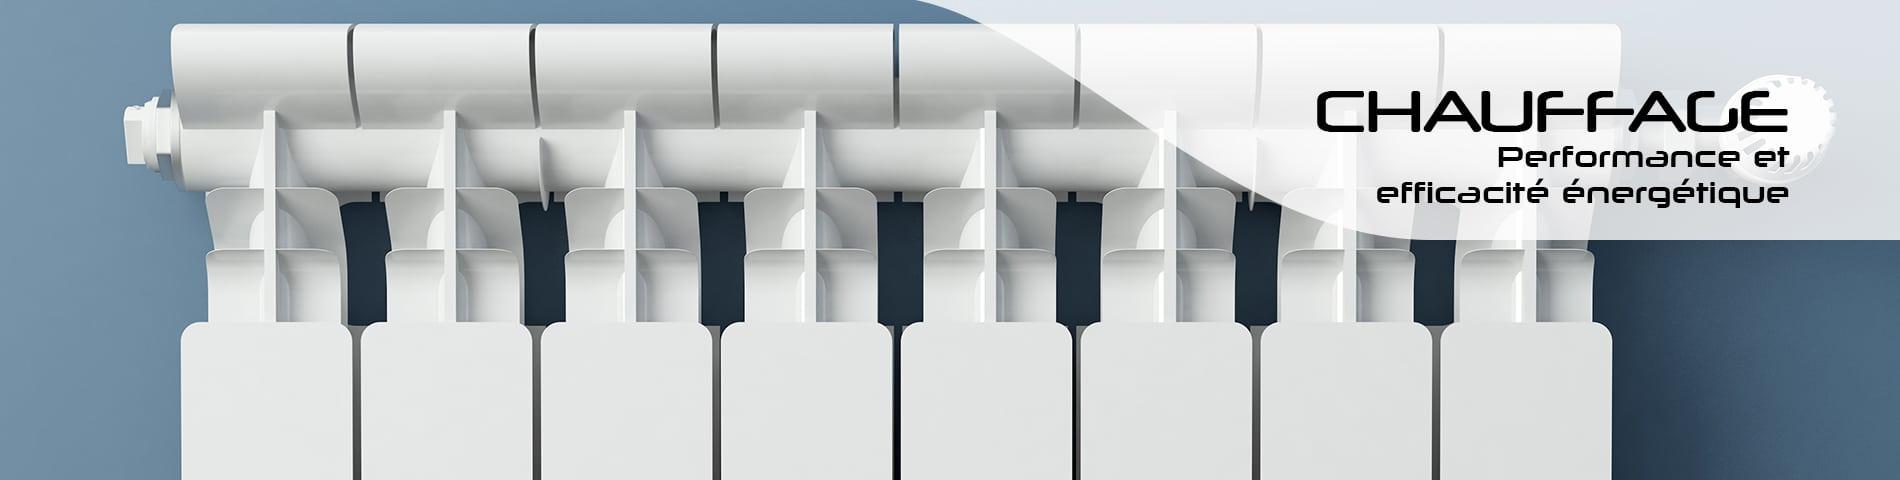 02slide-chauffage0-1